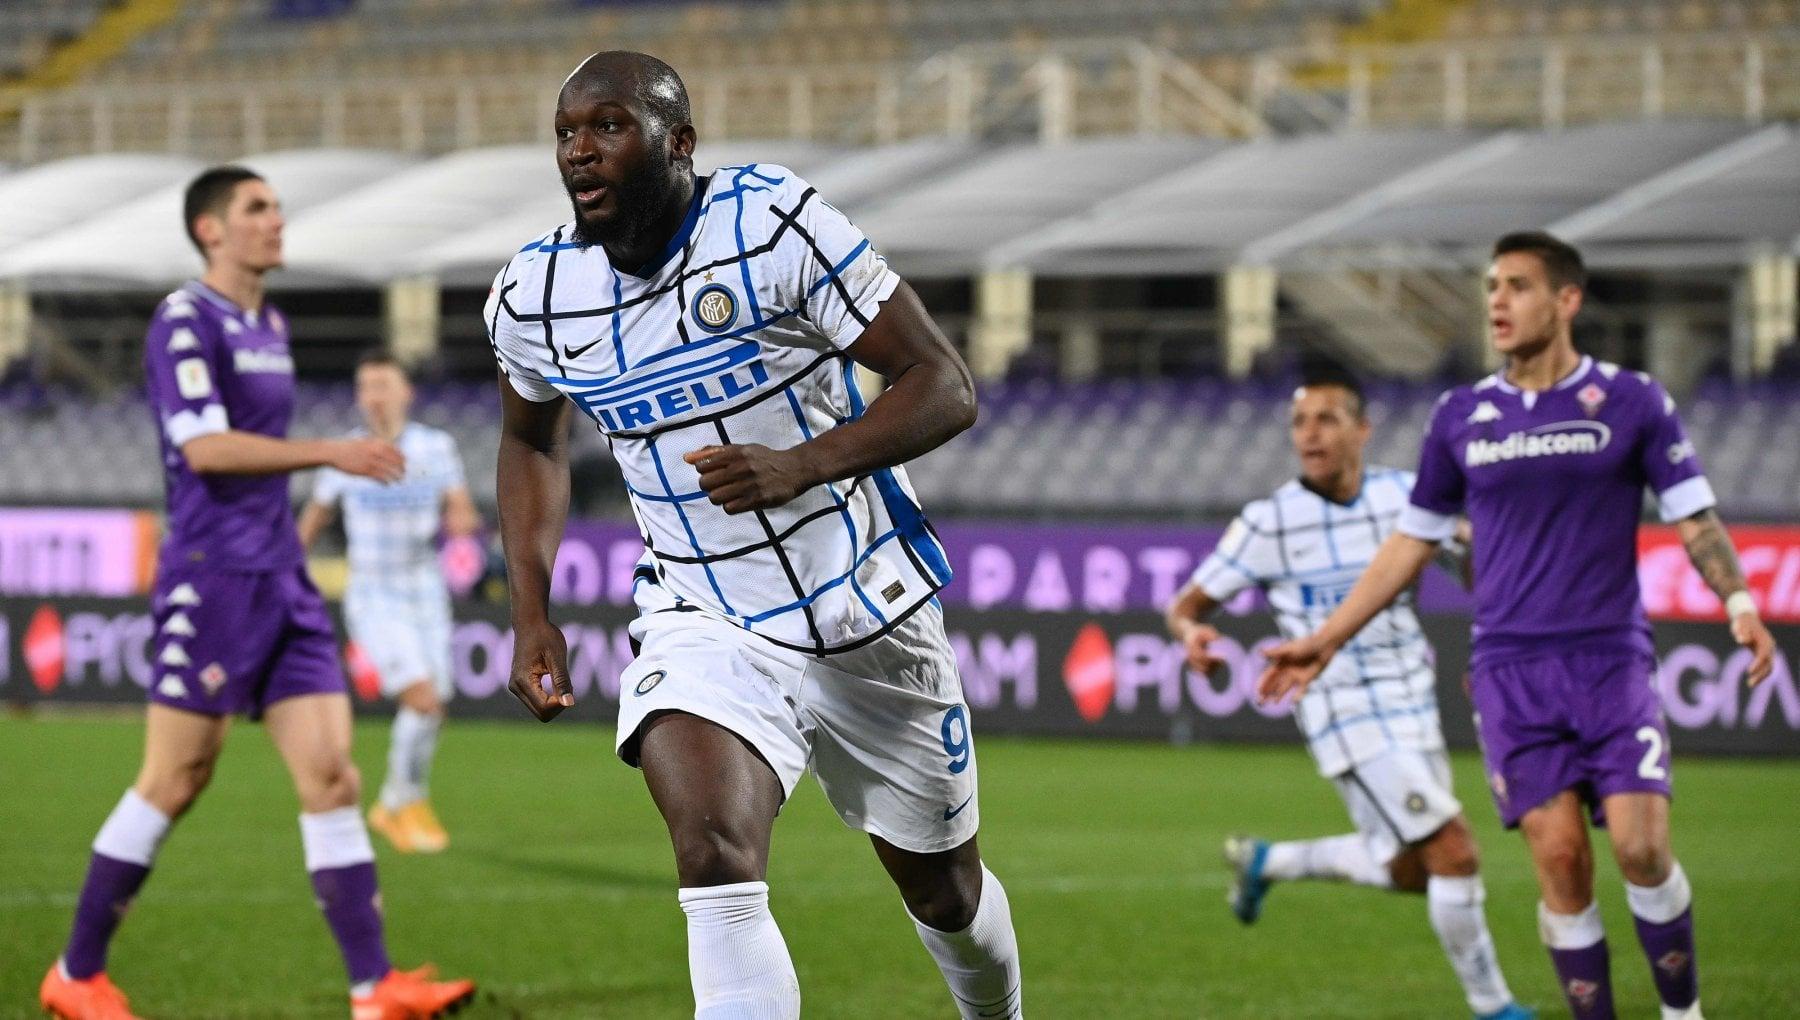 Coppa Italia: il derby di Milano apre i quarti, si giocherà martedì 26 gennaio